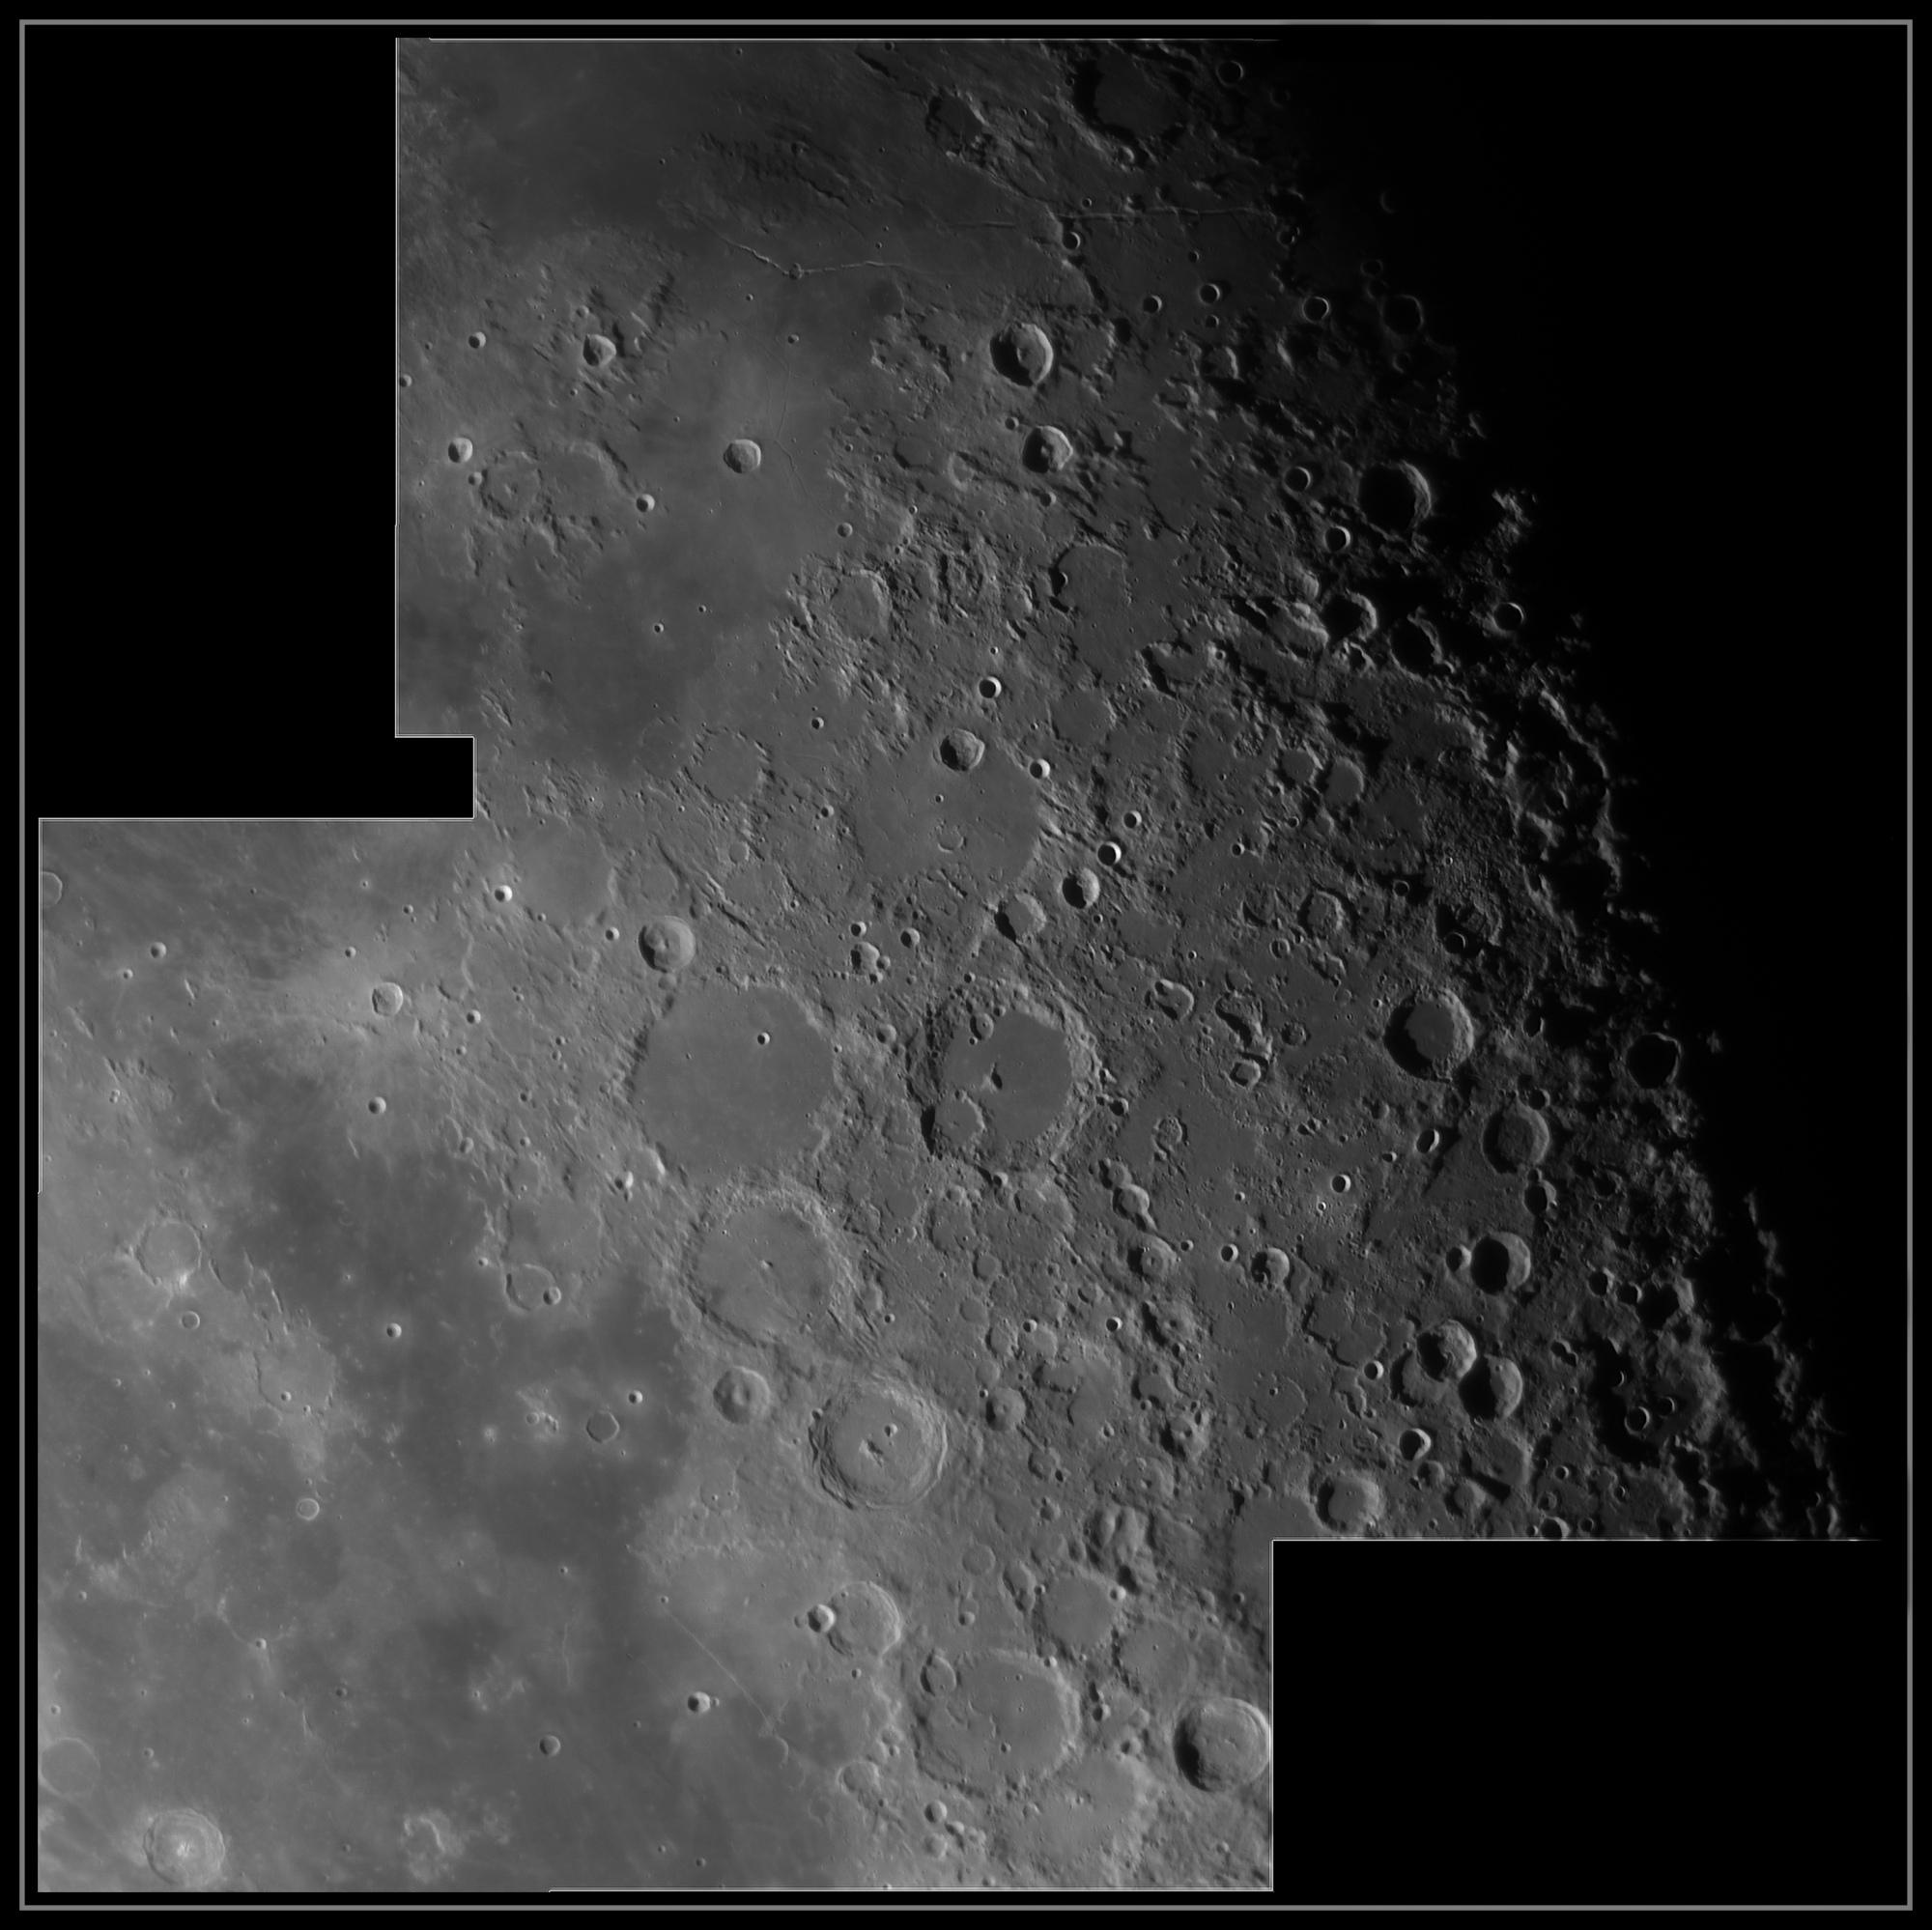 5e2e79c36f447_Moon_054639_160120_ZWOASI290MM_Rouge_23A_AS_P35_lapl6_ap1067_stitch.thumb.jpg.8b1b1ab3a9711fbf8b6c95b5ada66615.jpg